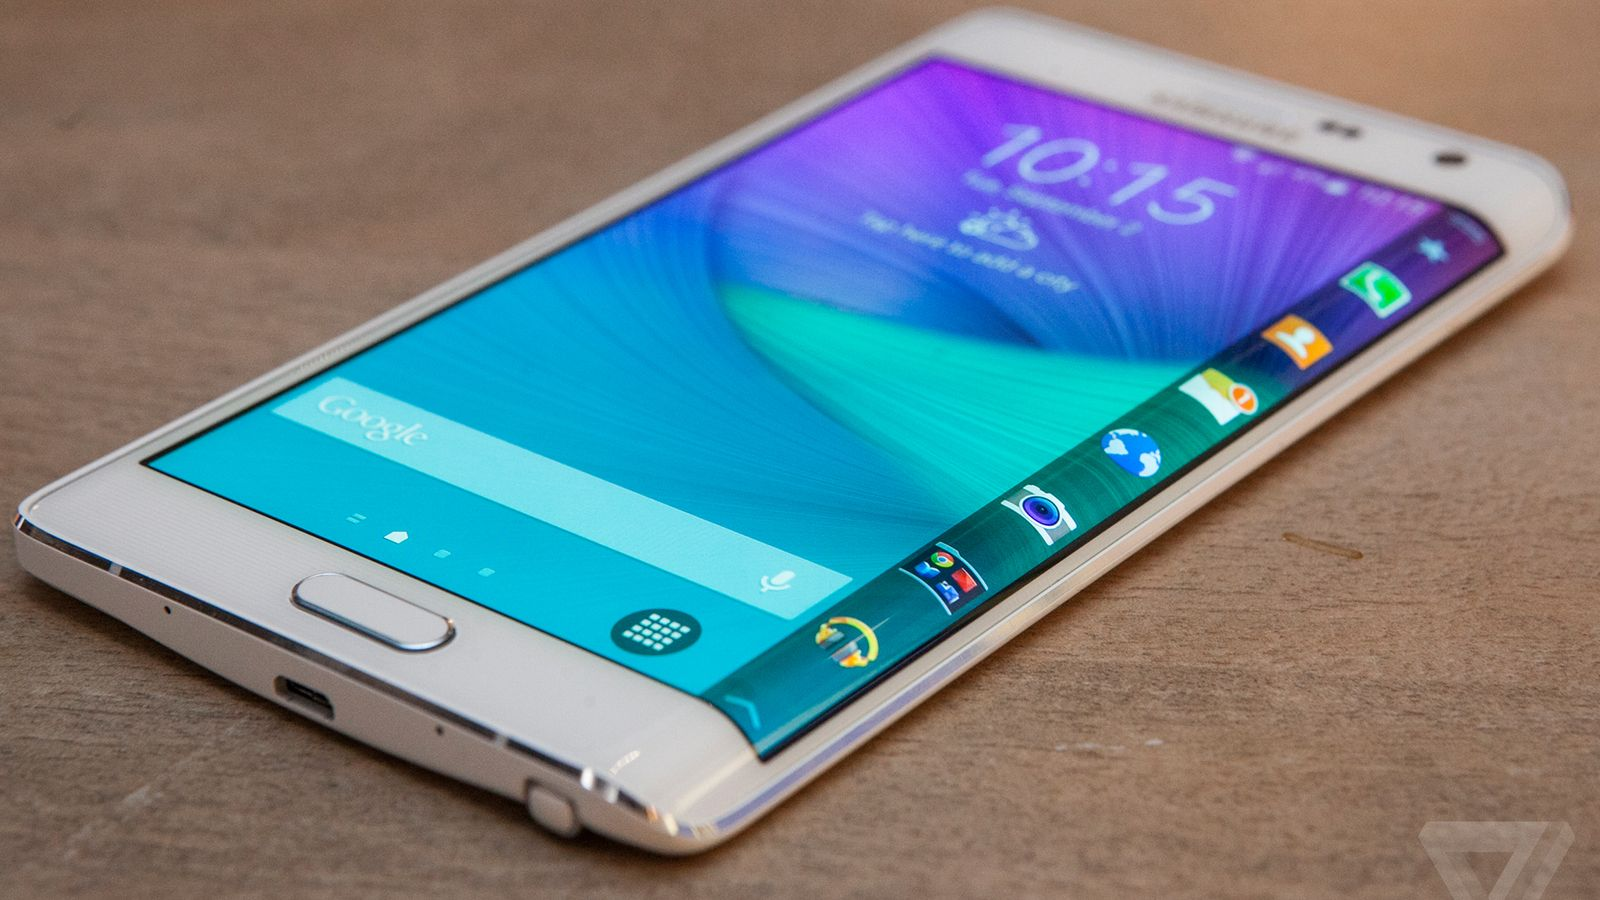 Galaxy Note 6 arriverà in UK, a differenza dell'S7 Edge Plus